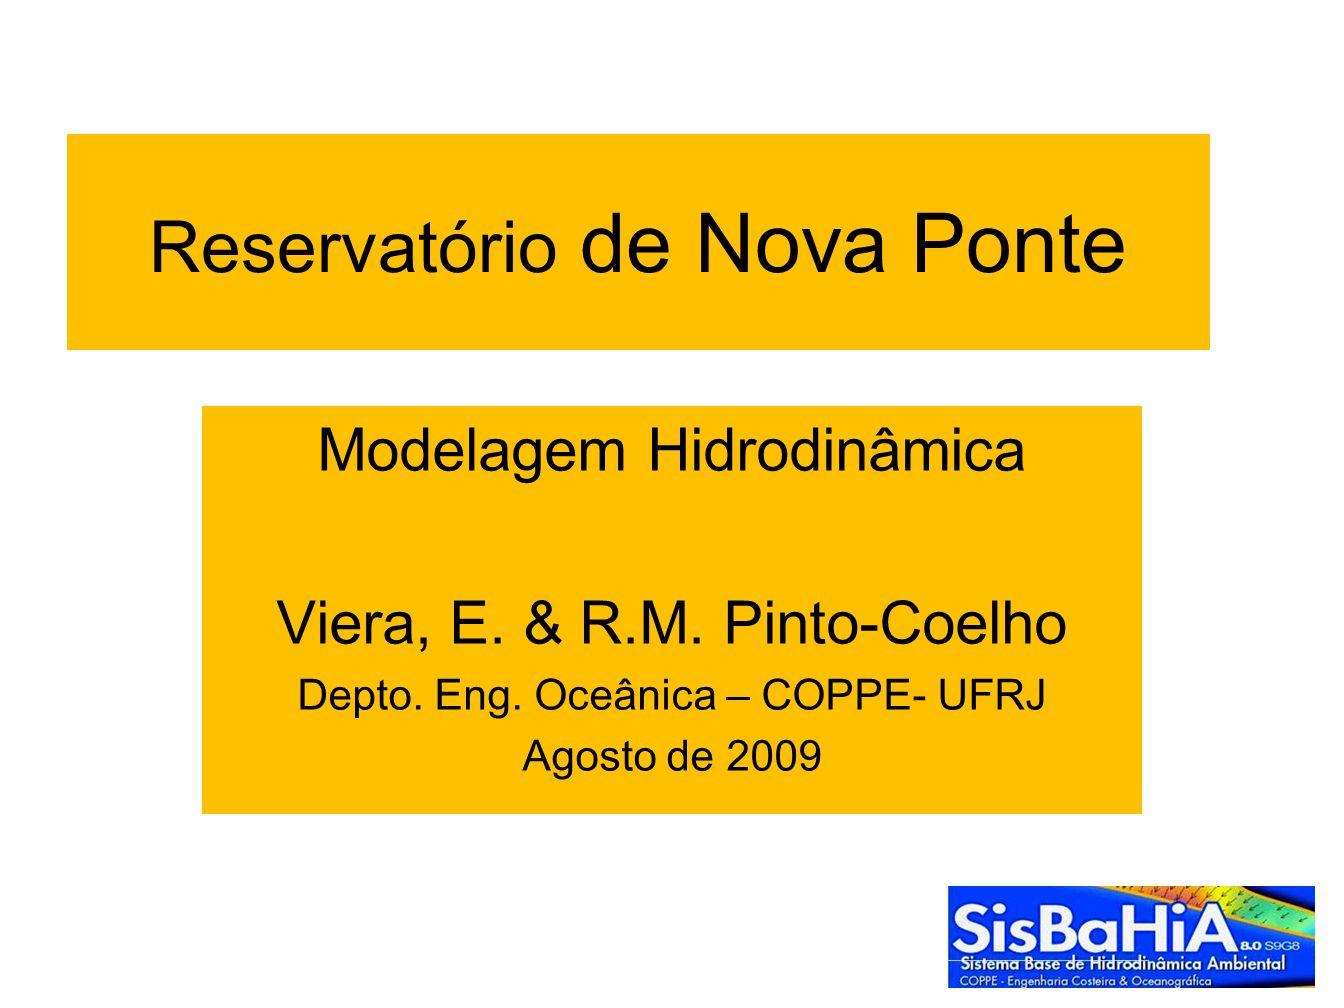 Reservatório de Nova Ponte Modelagem Hidrodinâmica Viera, E. & R.M. Pinto-Coelho Depto. Eng. Oceânica – COPPE- UFRJ Agosto de 2009